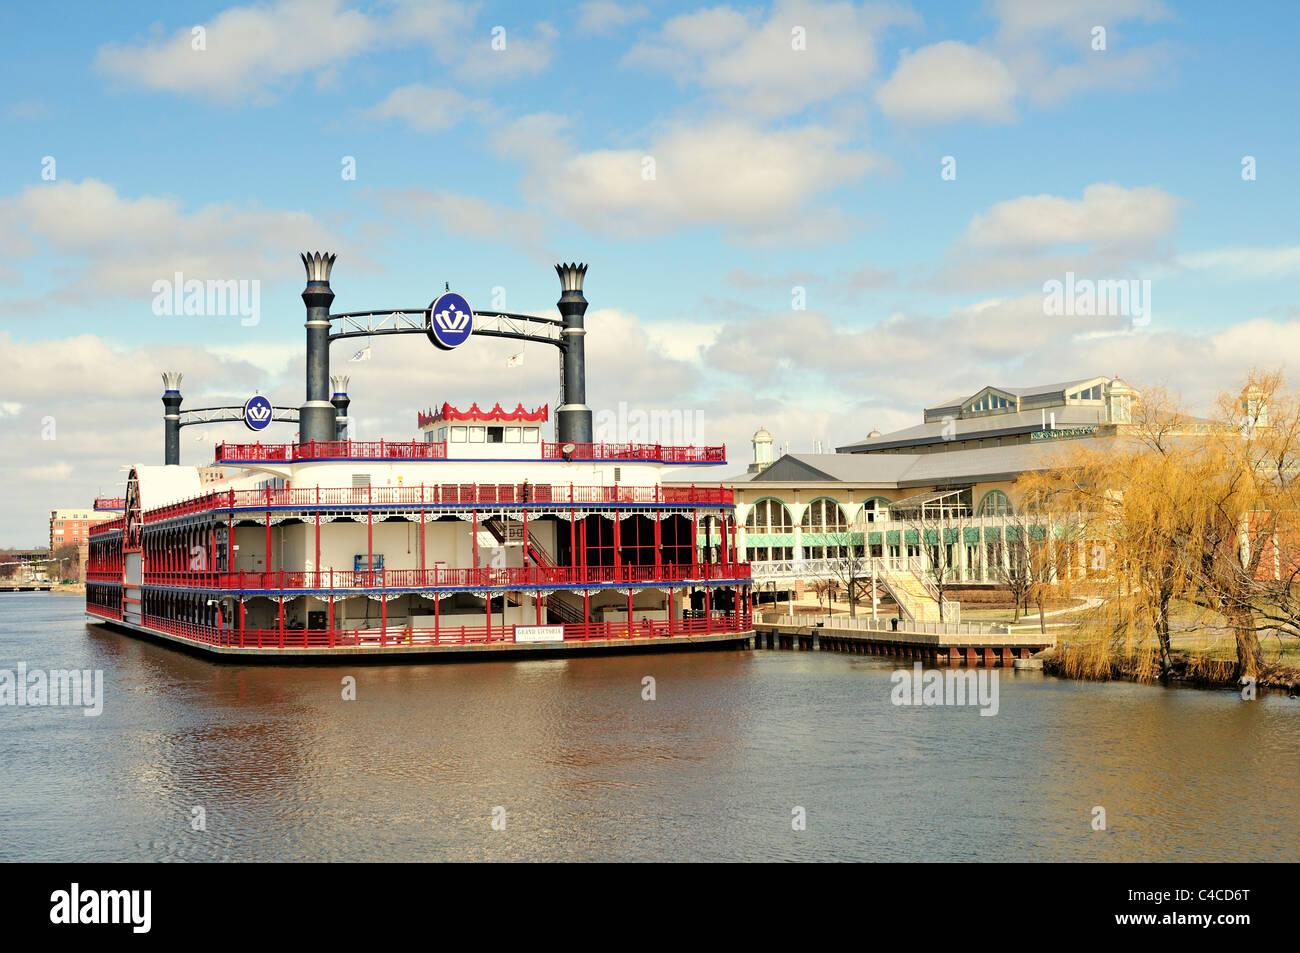 Gambling boat in elgin illinois best craps casino online